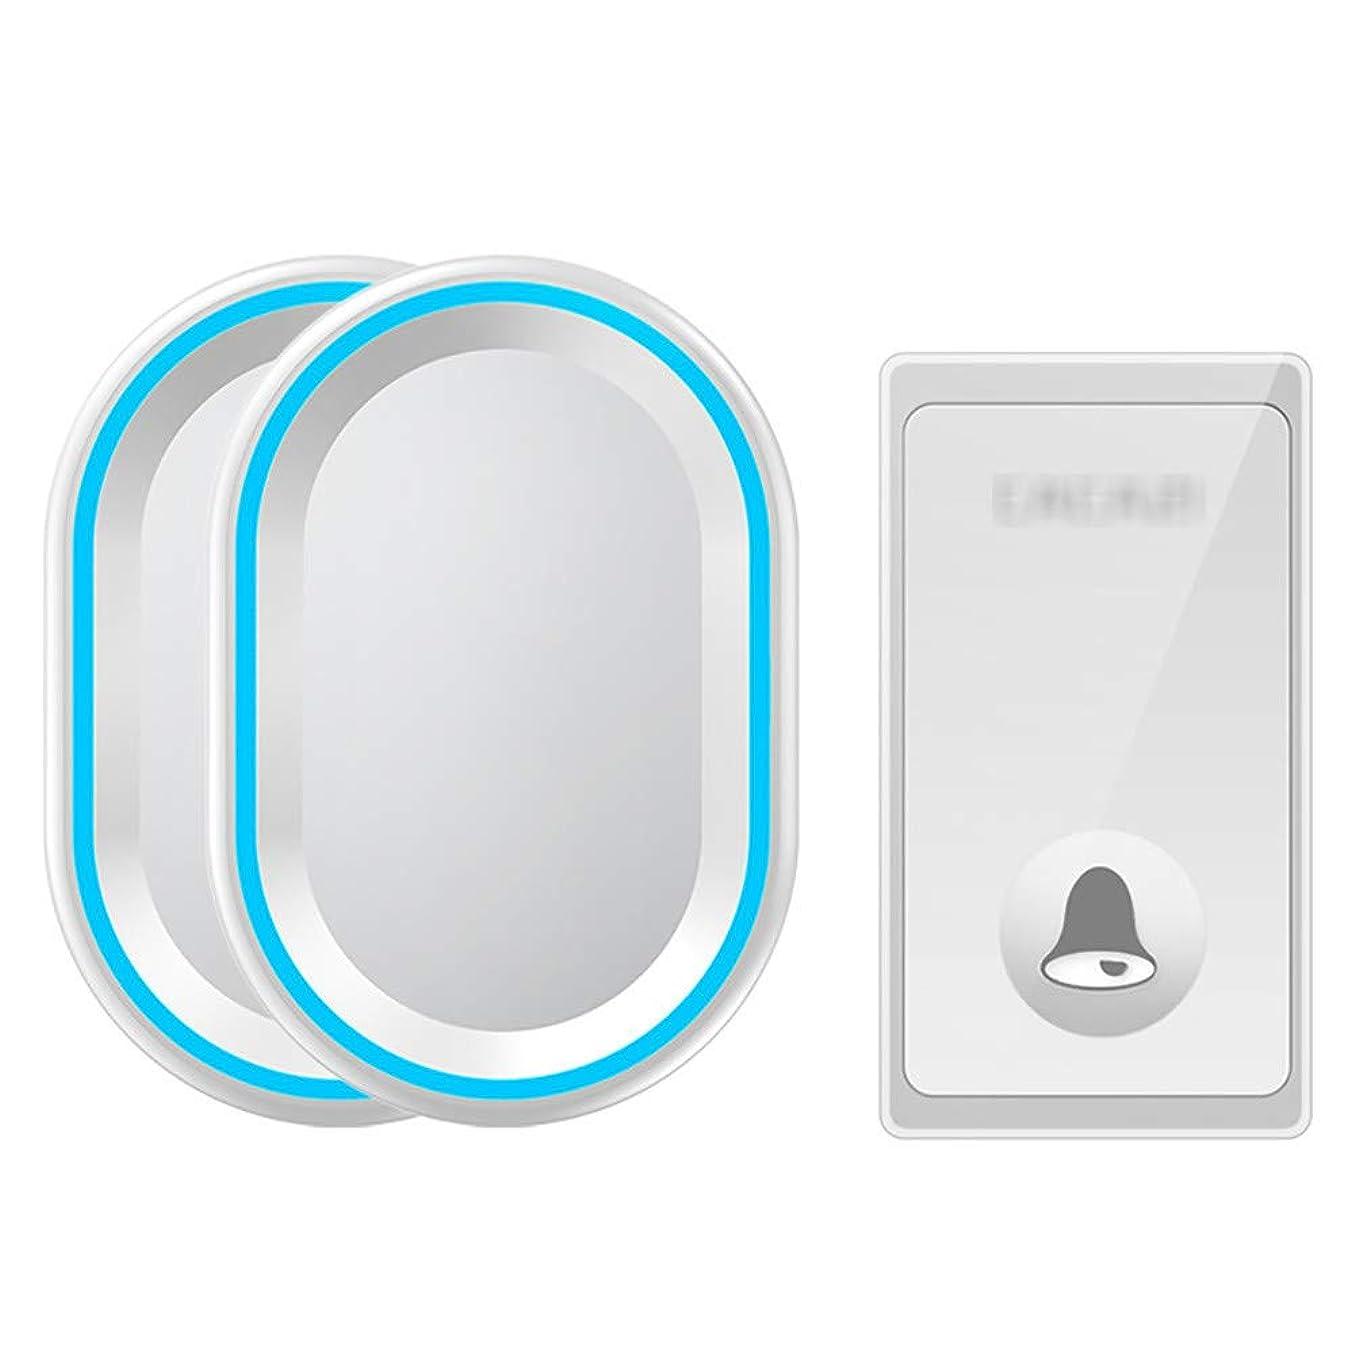 穴ストレンジャー不運セルフパワードワイヤレスドアベル,防水リモートコードレスドアベル、1ボタントランスミッター 58チャイム、4レベルボリューム、LEDライト付きの2つのプラグインレシーバー,白